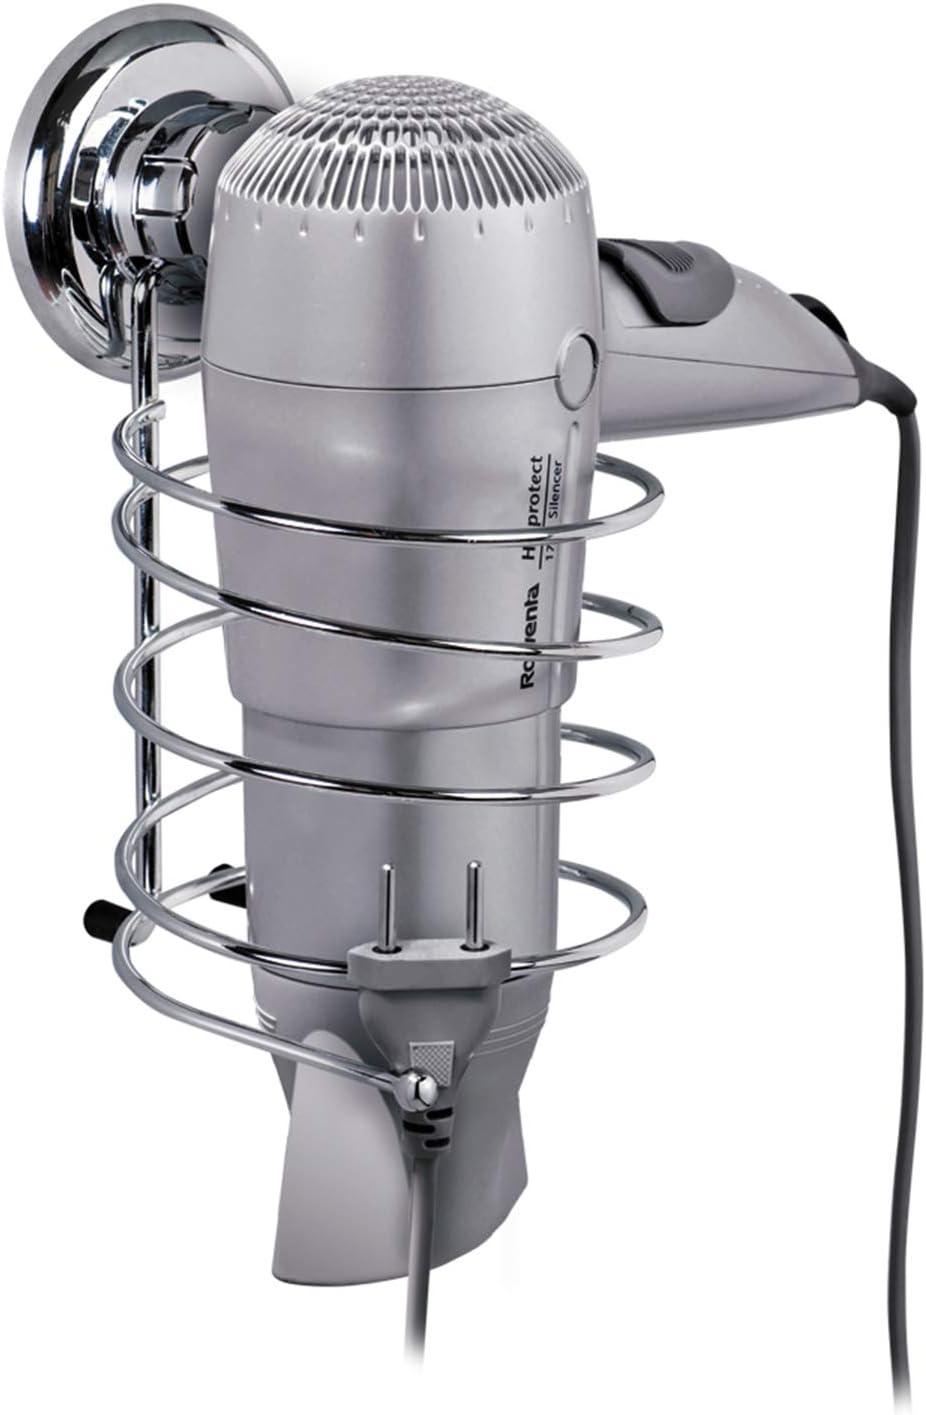 Tatkraft Megalock 11441 - Soporte para secador de pelo, ventosa, acero cromado, 10cm x 12.5cm x 18.5cm